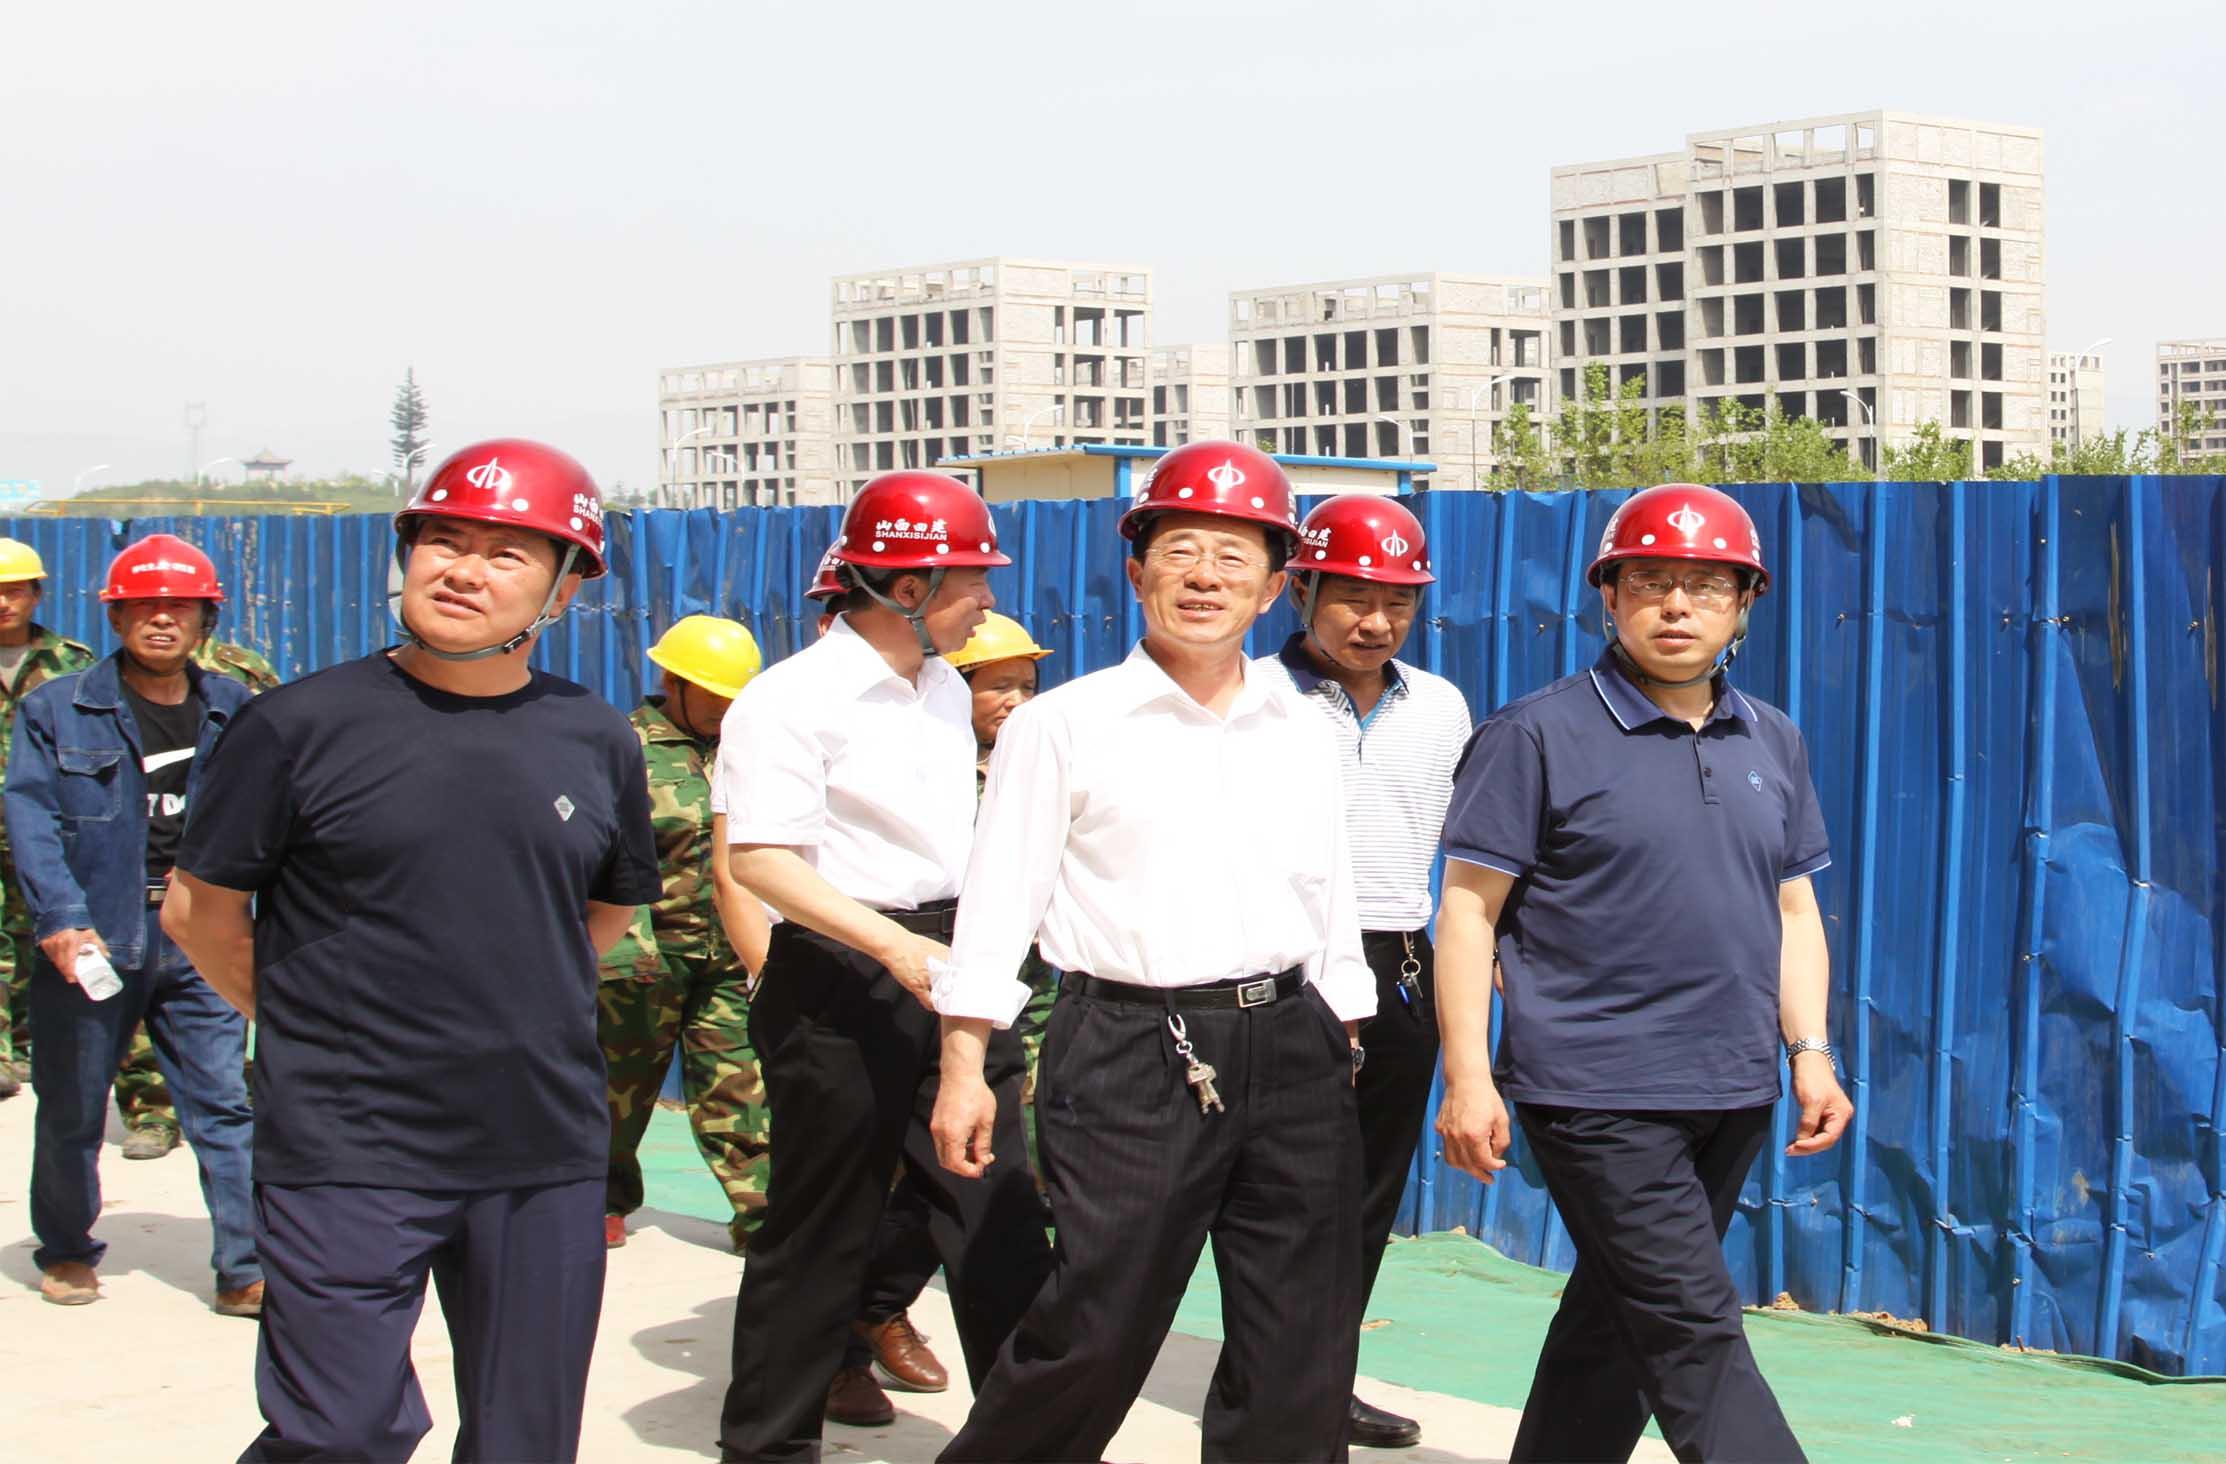 市住建局徐玉春副调研员在安全演练现场视察